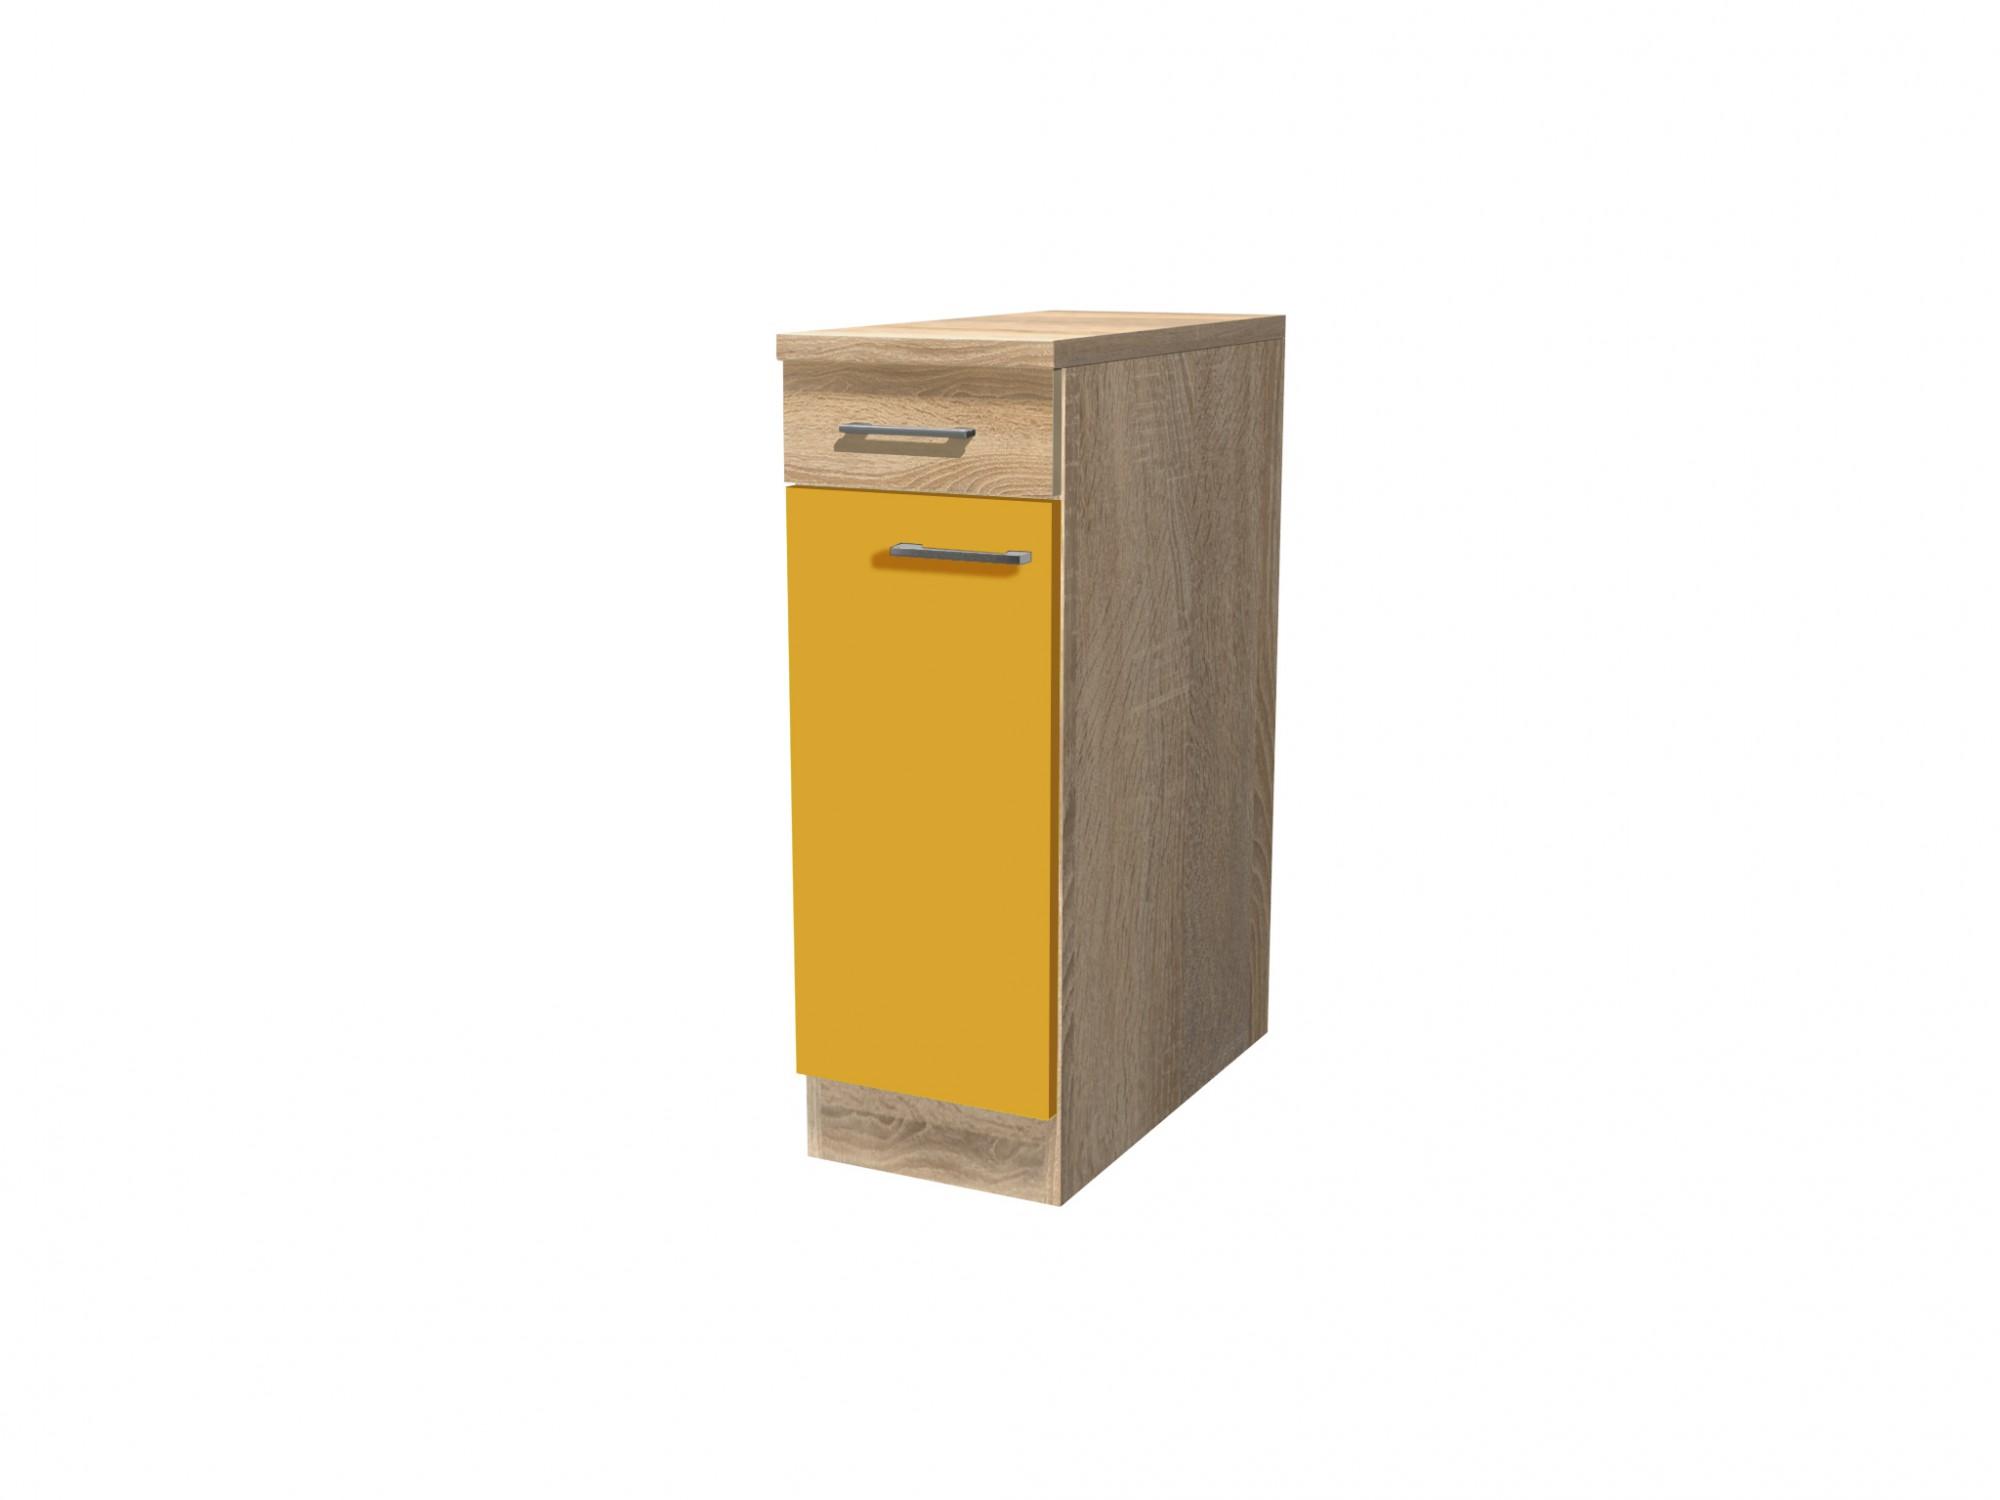 k chen unterschrank rom 1 t rig 30 cm breit gelb k che k chen unterschr nke. Black Bedroom Furniture Sets. Home Design Ideas